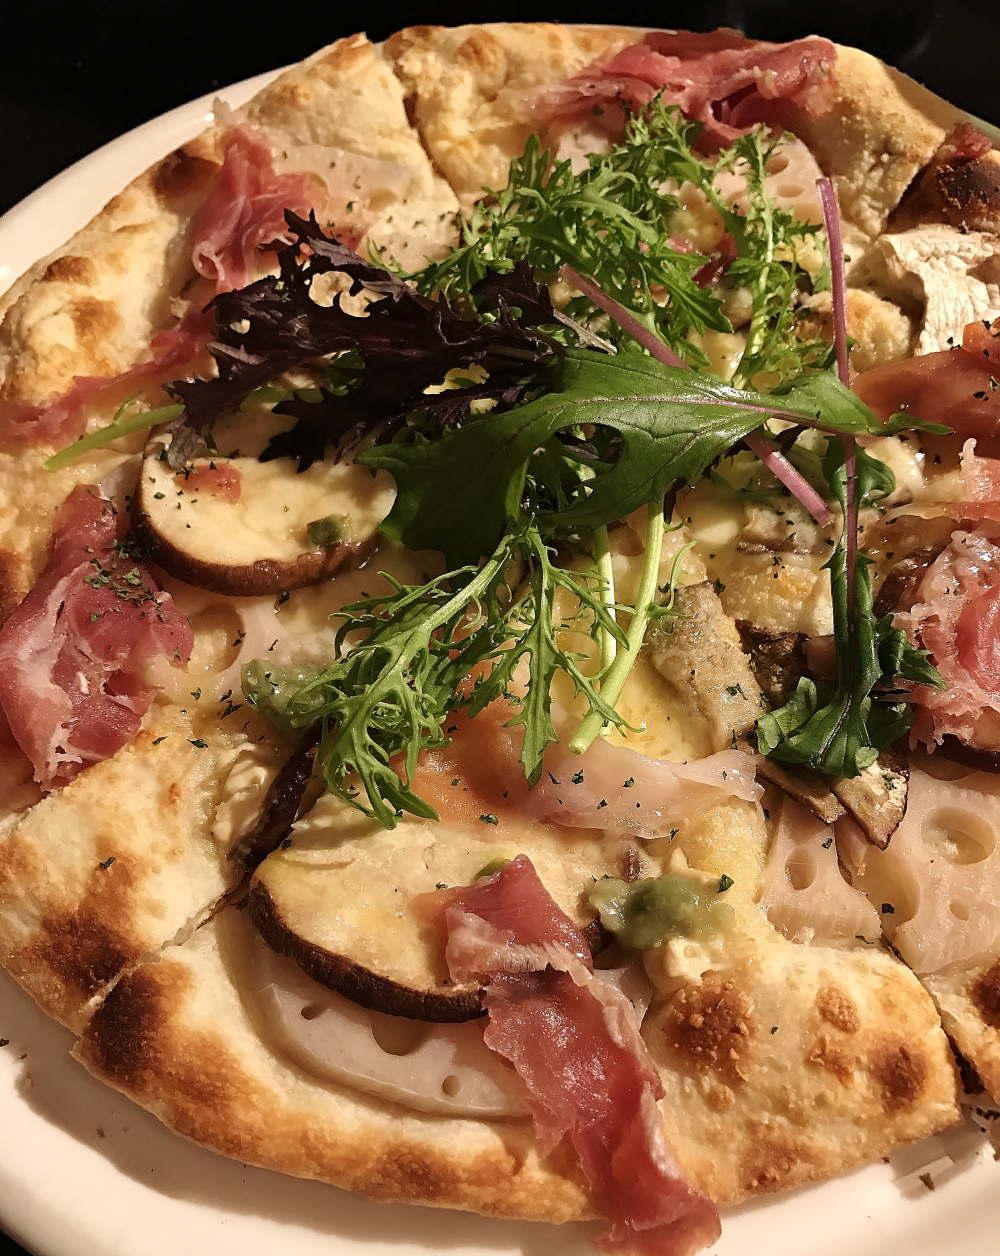 軽井沢イタリアン イルソーニョ ピザ